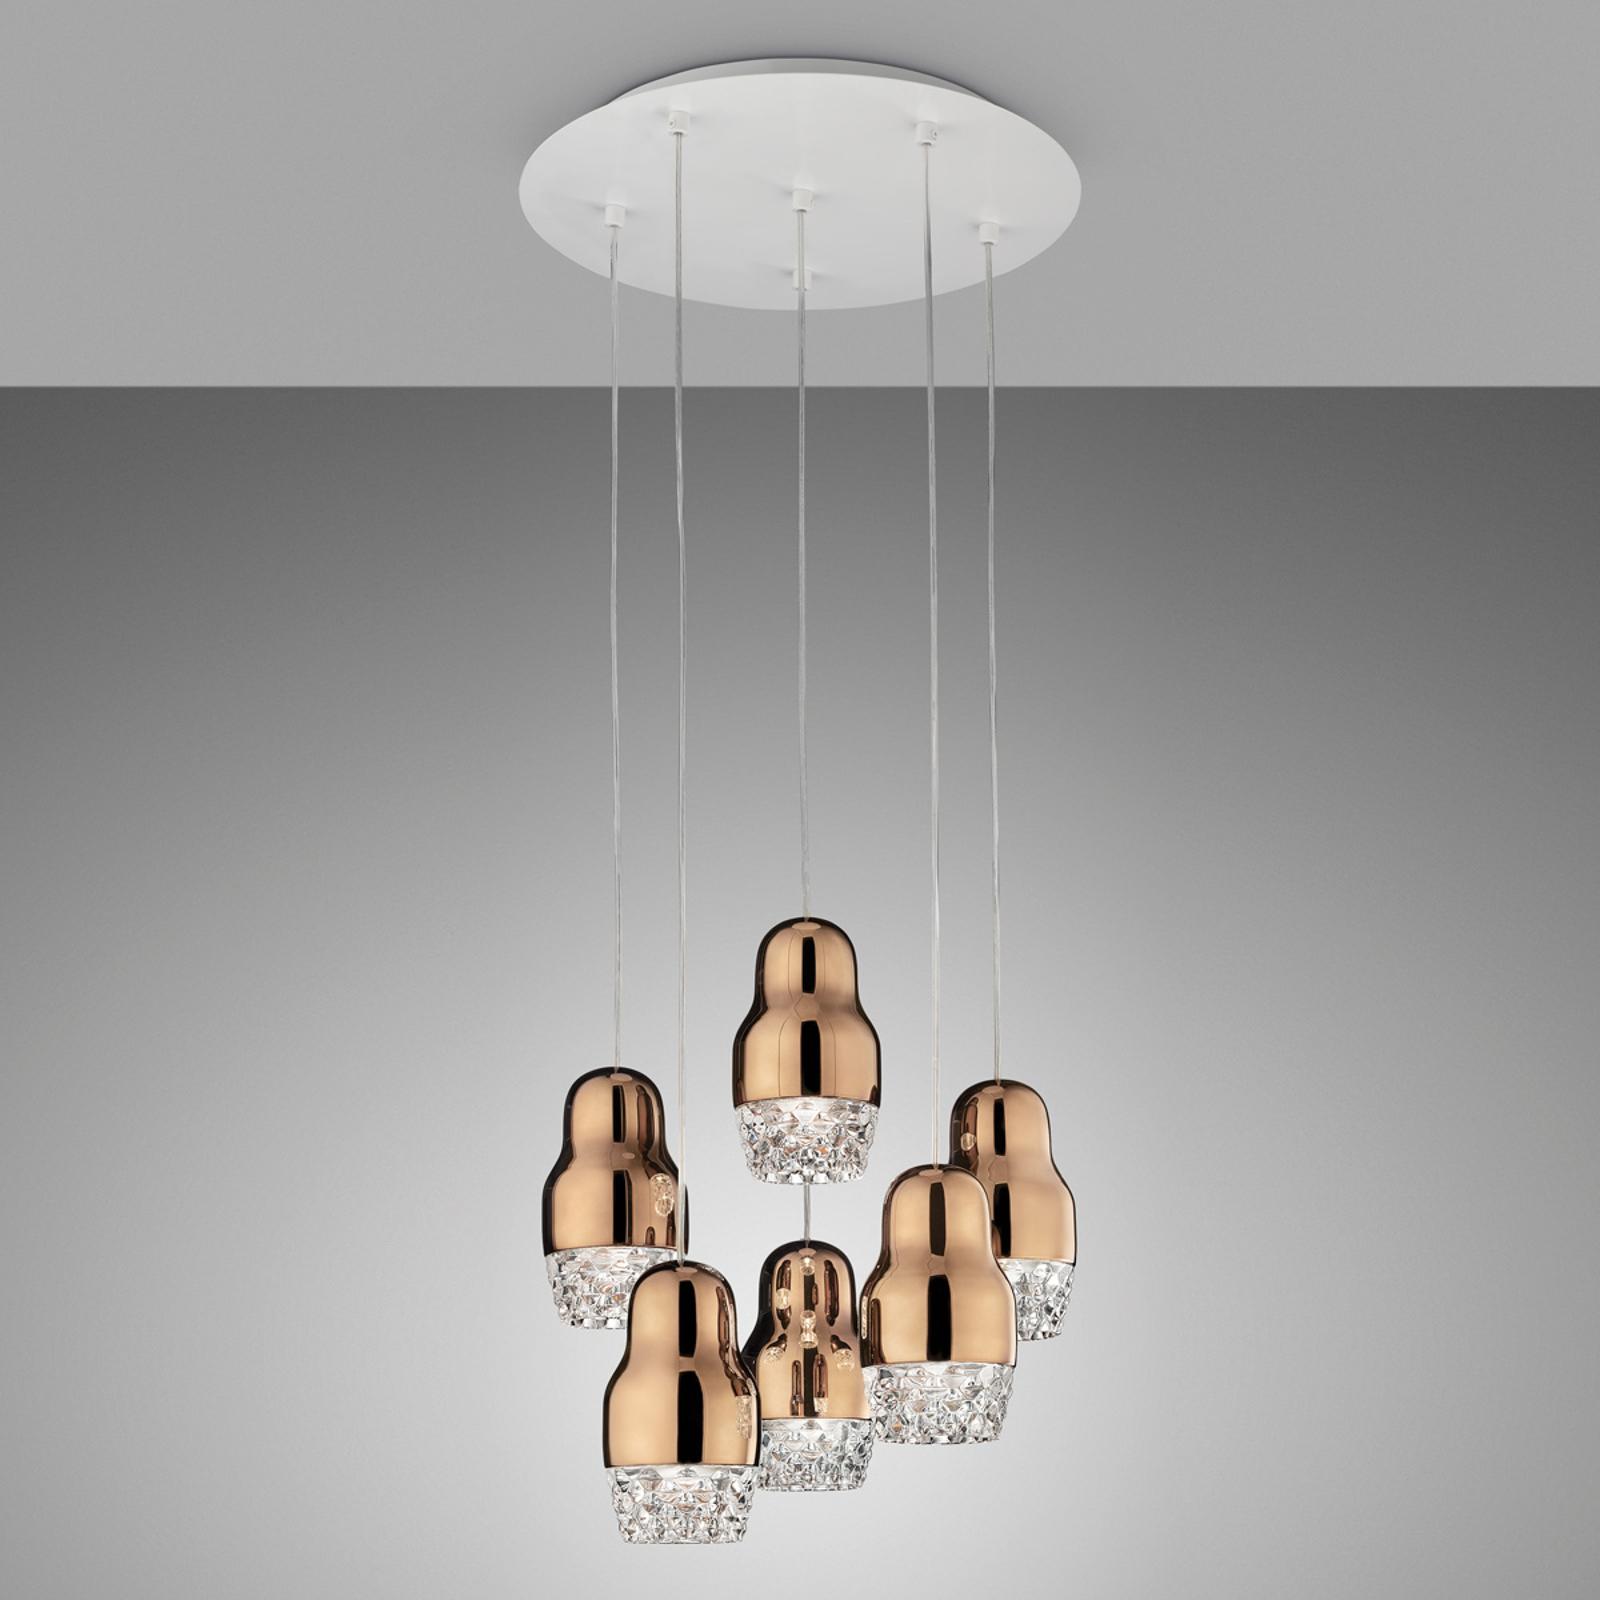 LED hanglamp Fedora roségoud met zes lampjes